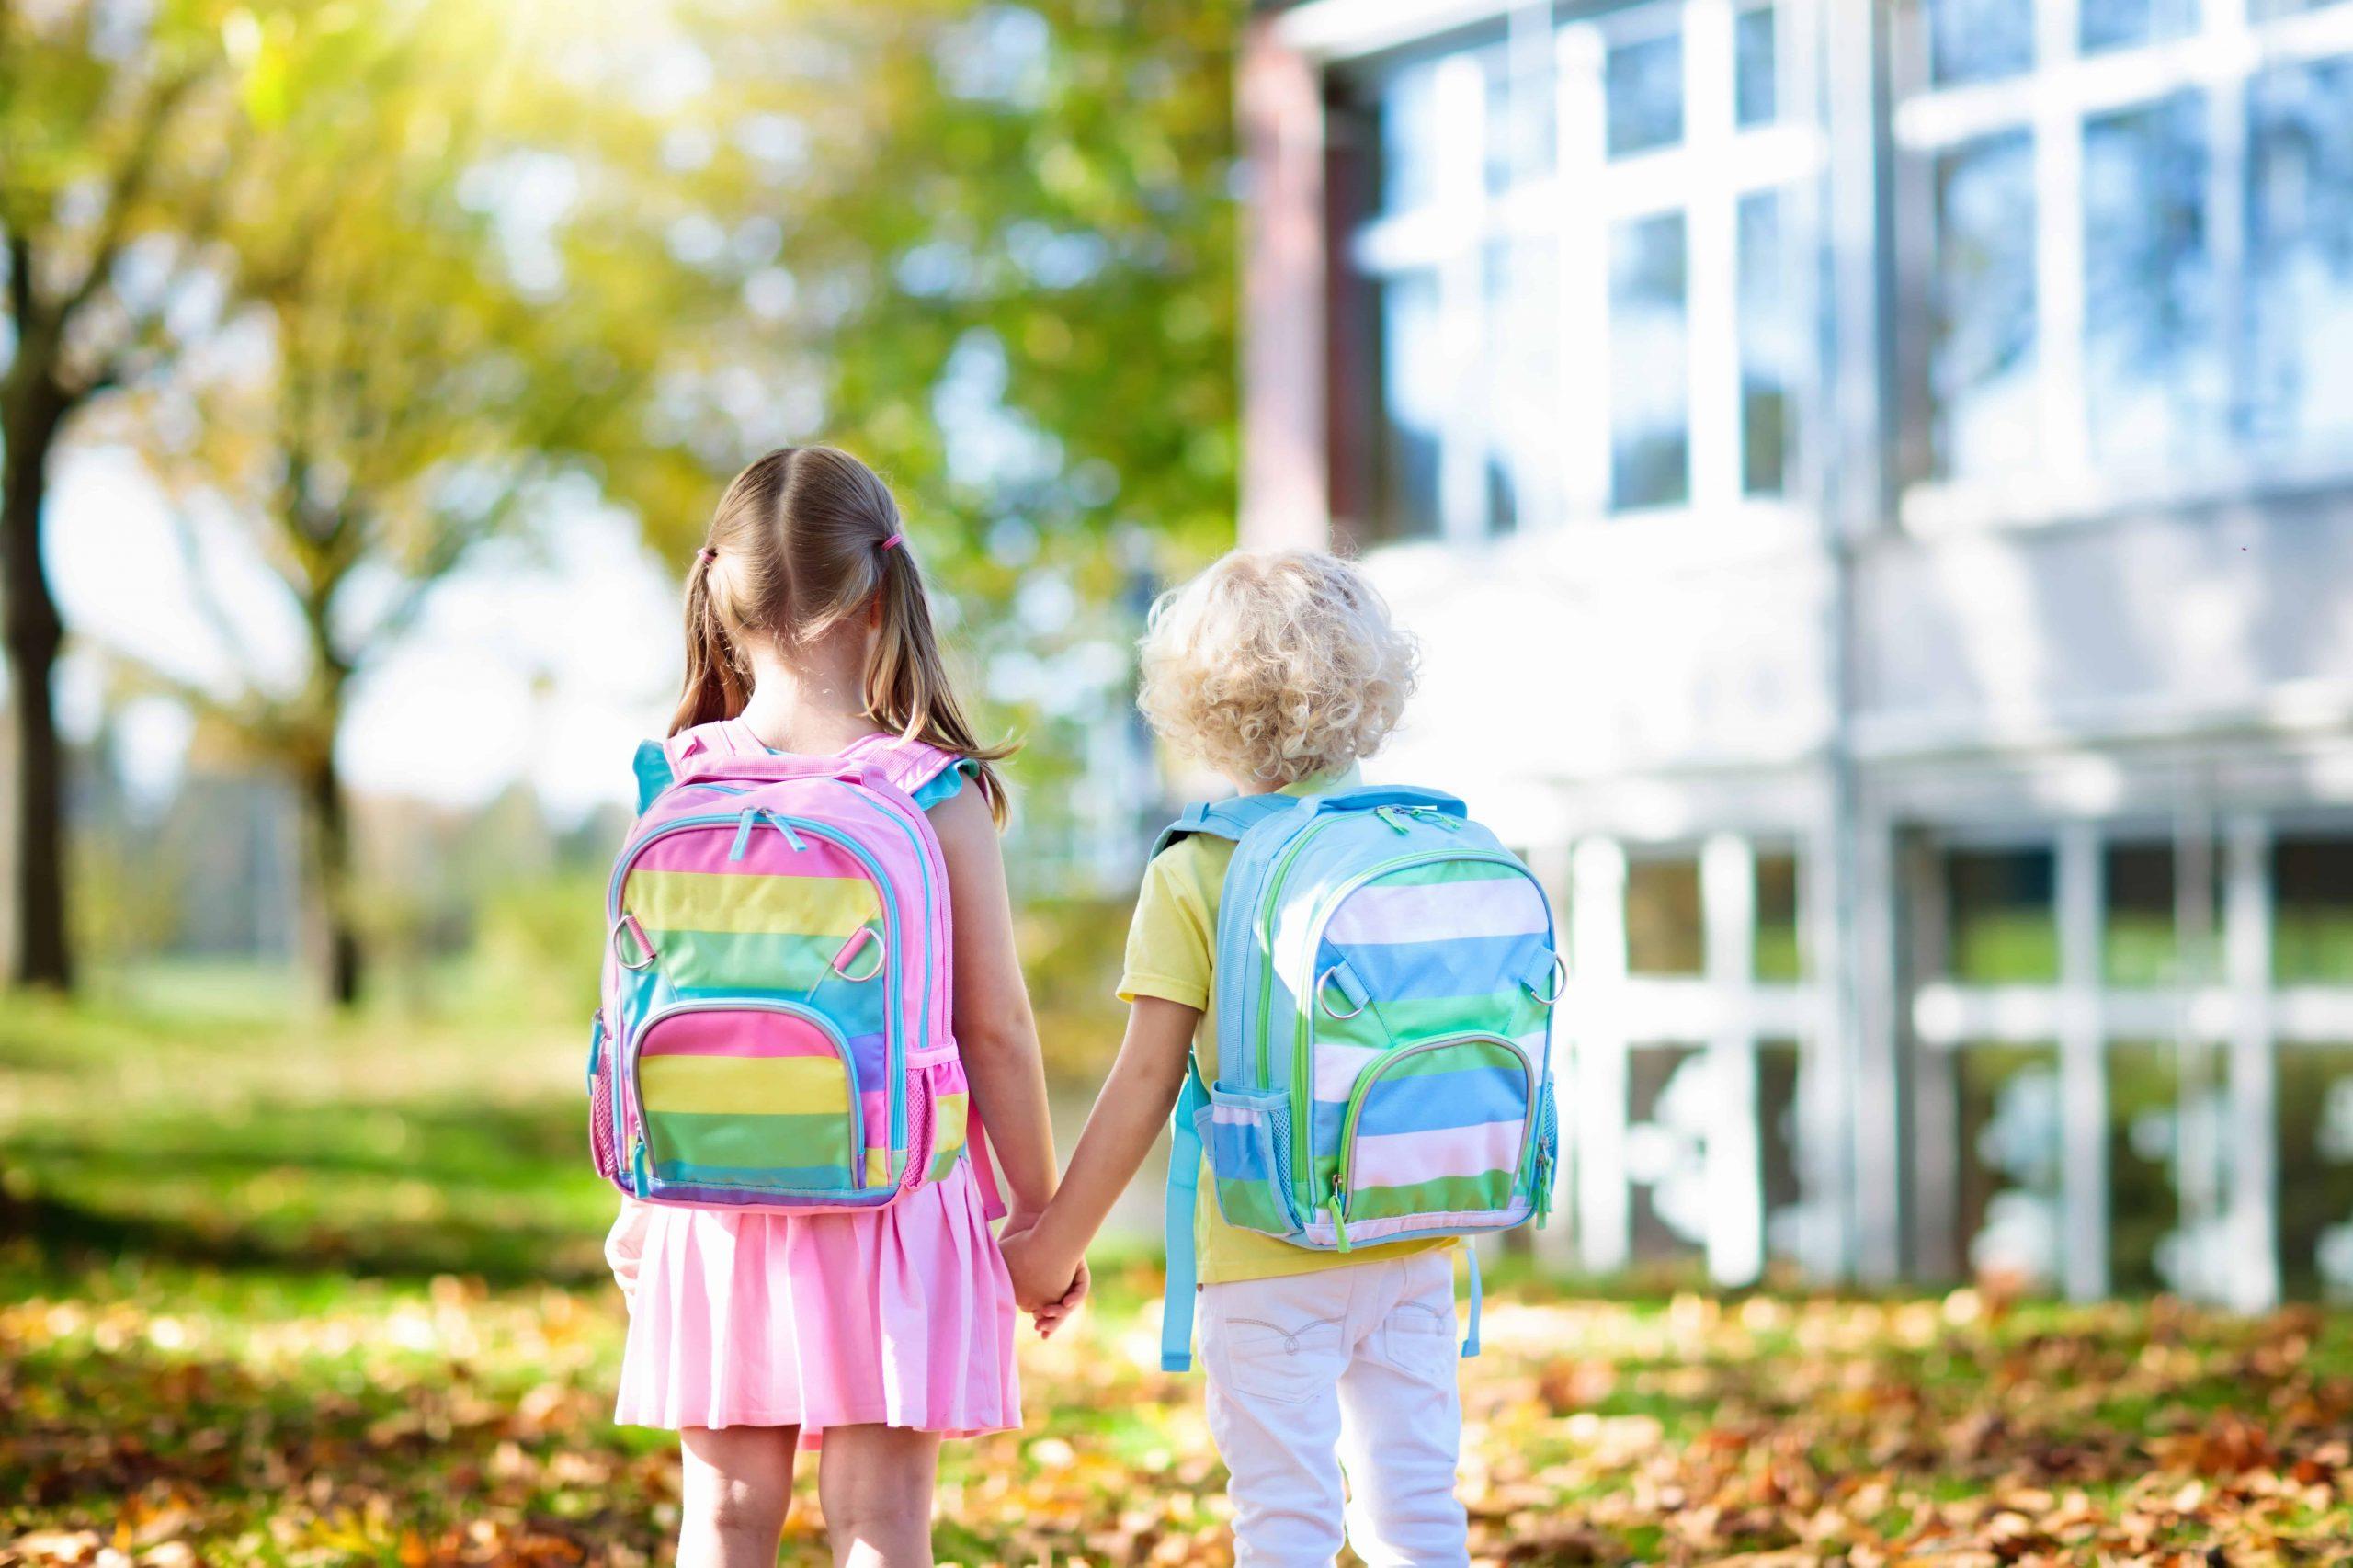 Kindergartenrucksack: Test & Empfehlungen (09/20)